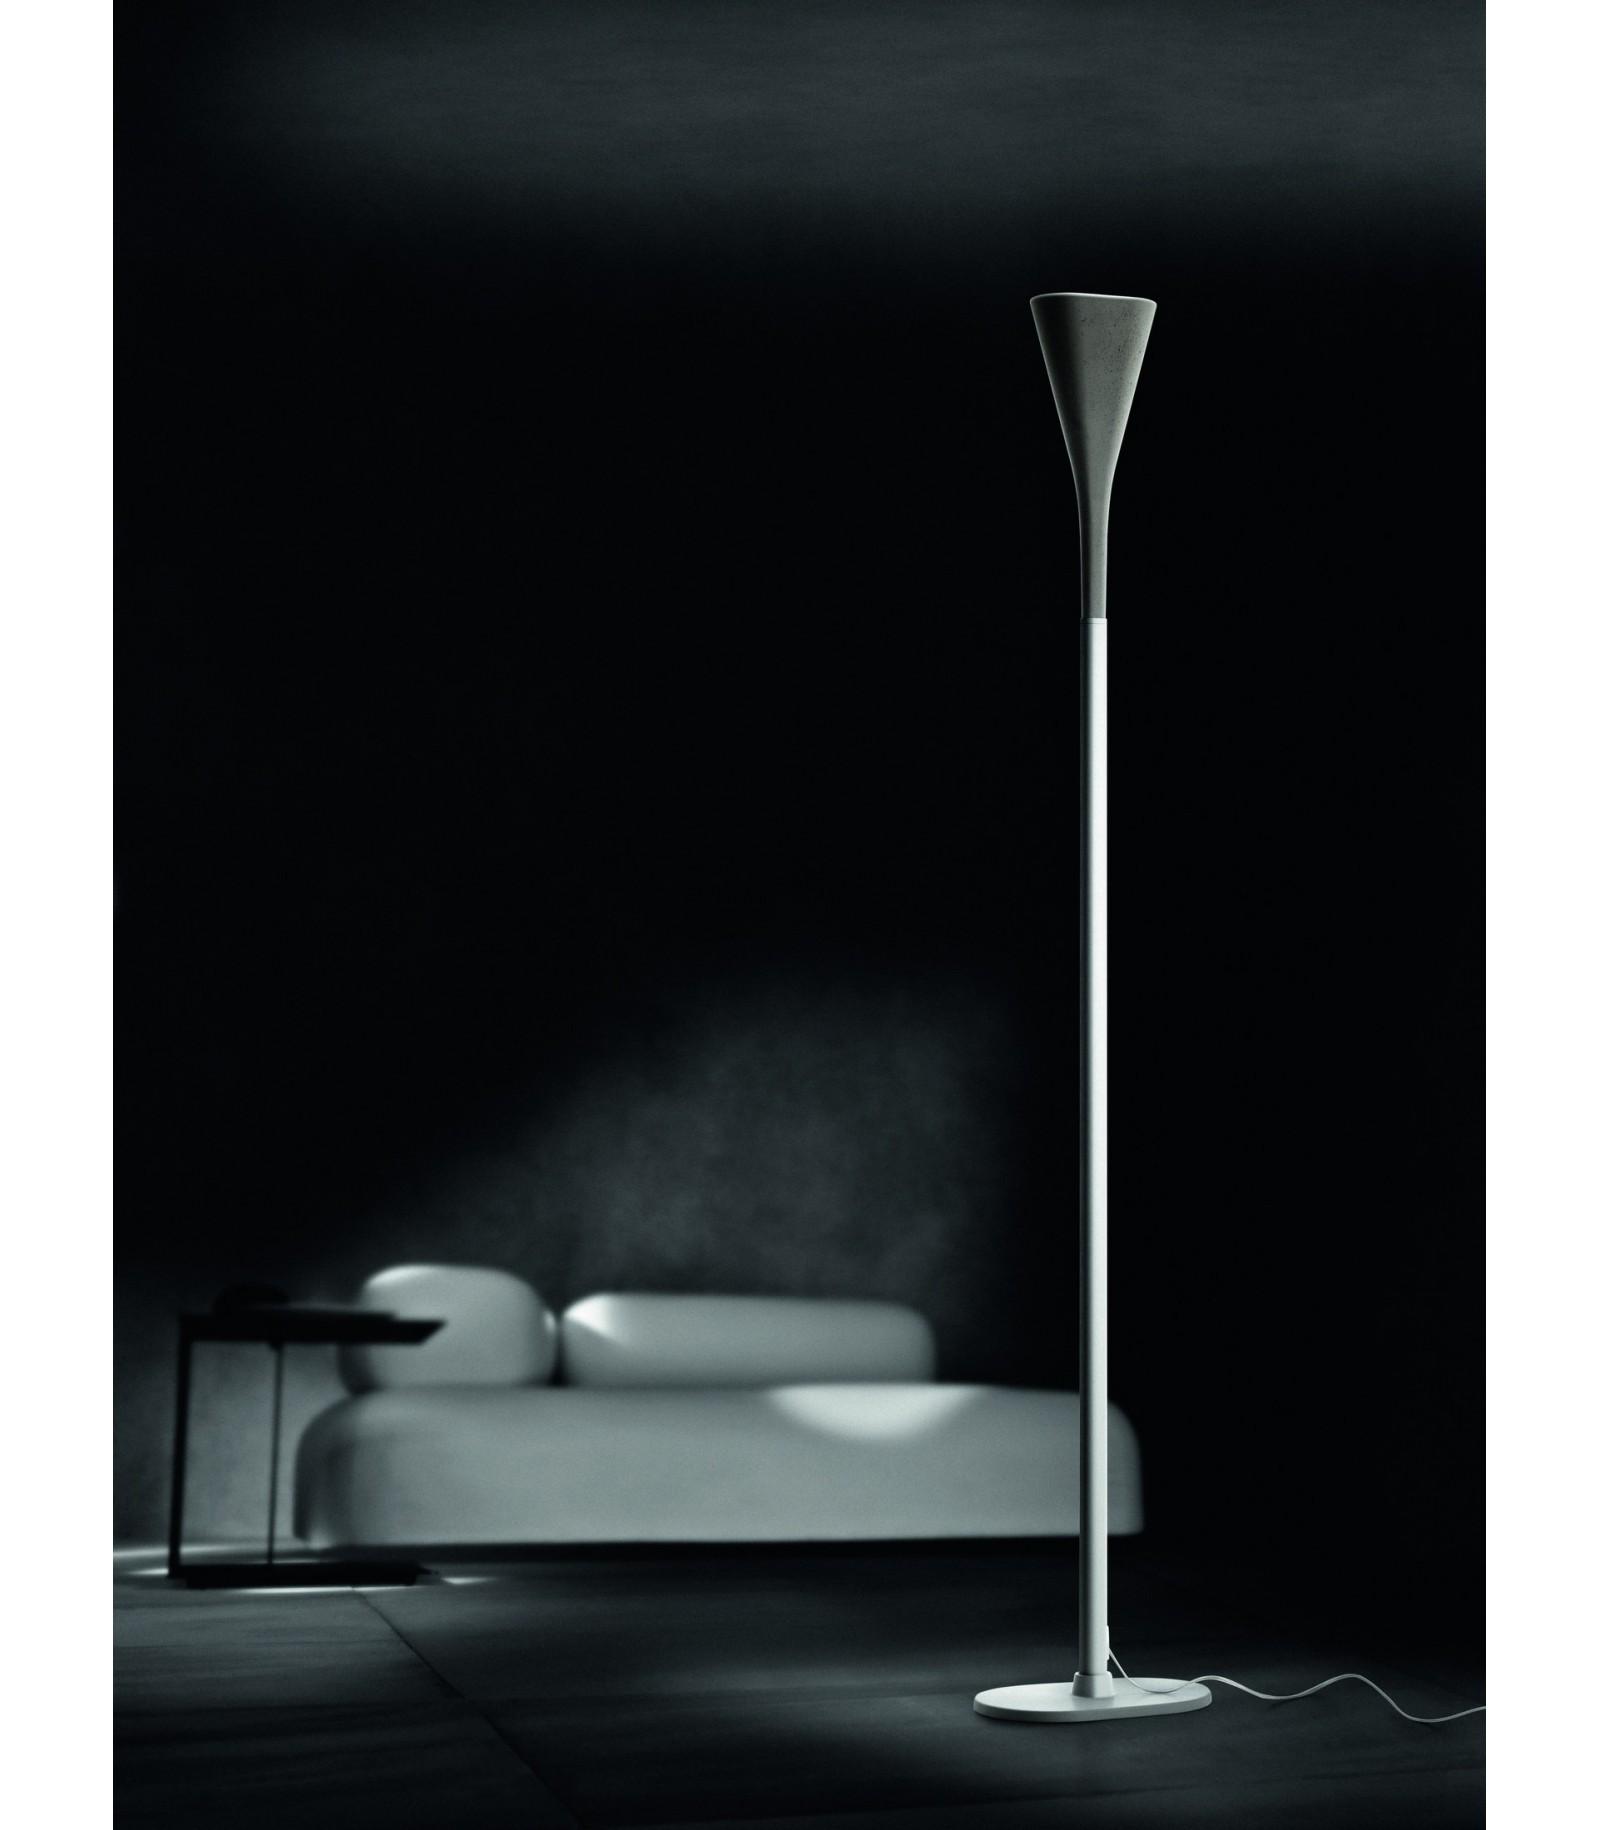 Foscarini aplomb lampada da terra rivenditore autorizzato - Lampada da terra design ...